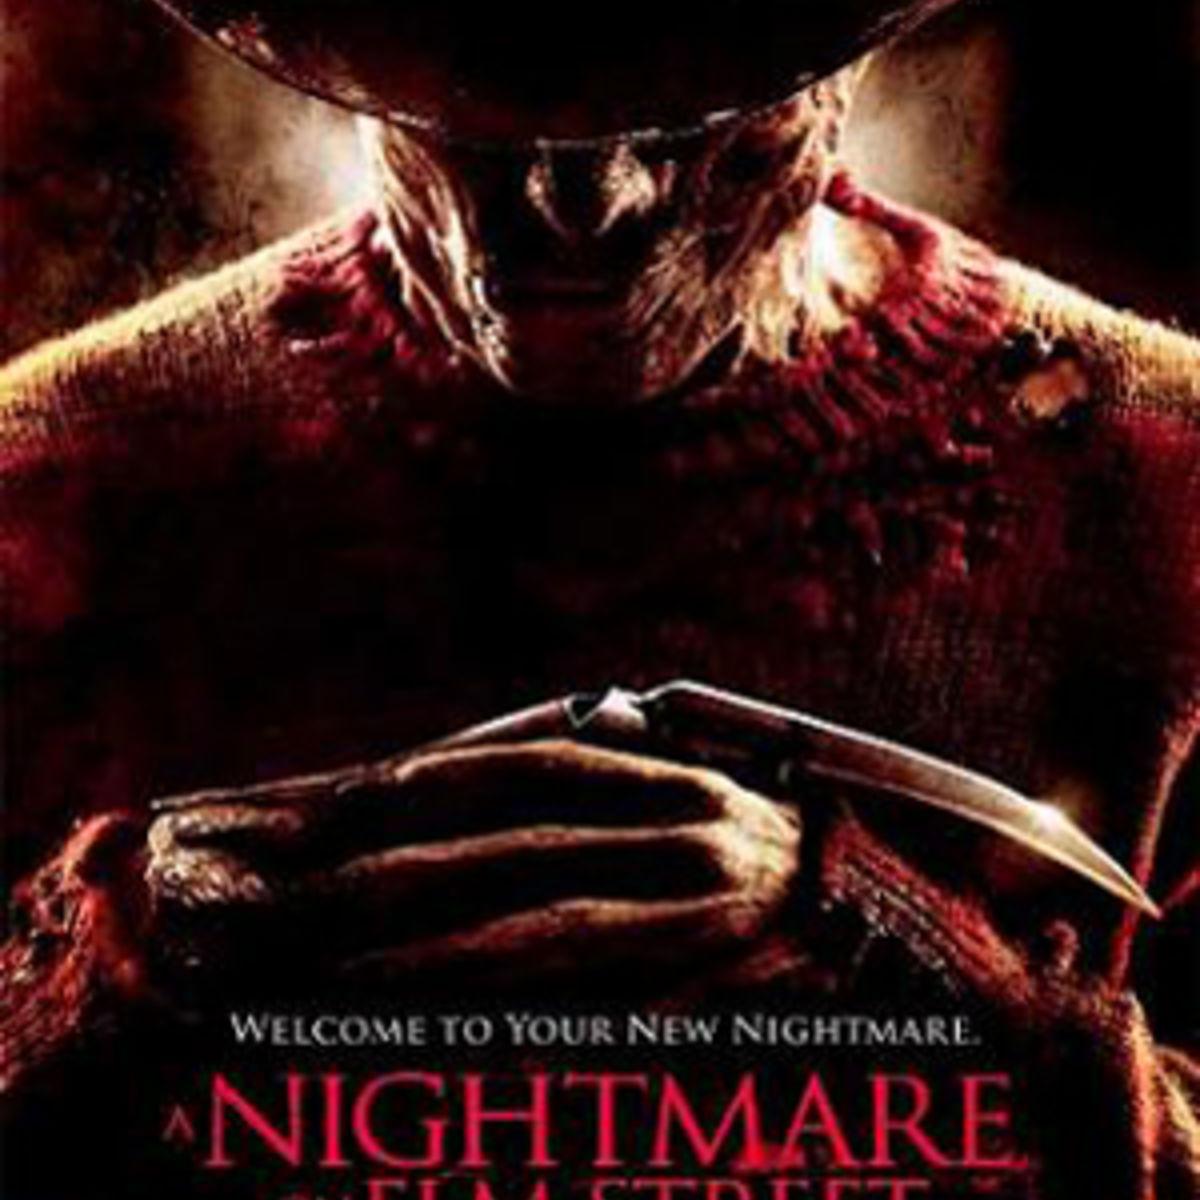 NightmareElmStreetReview1.jpg